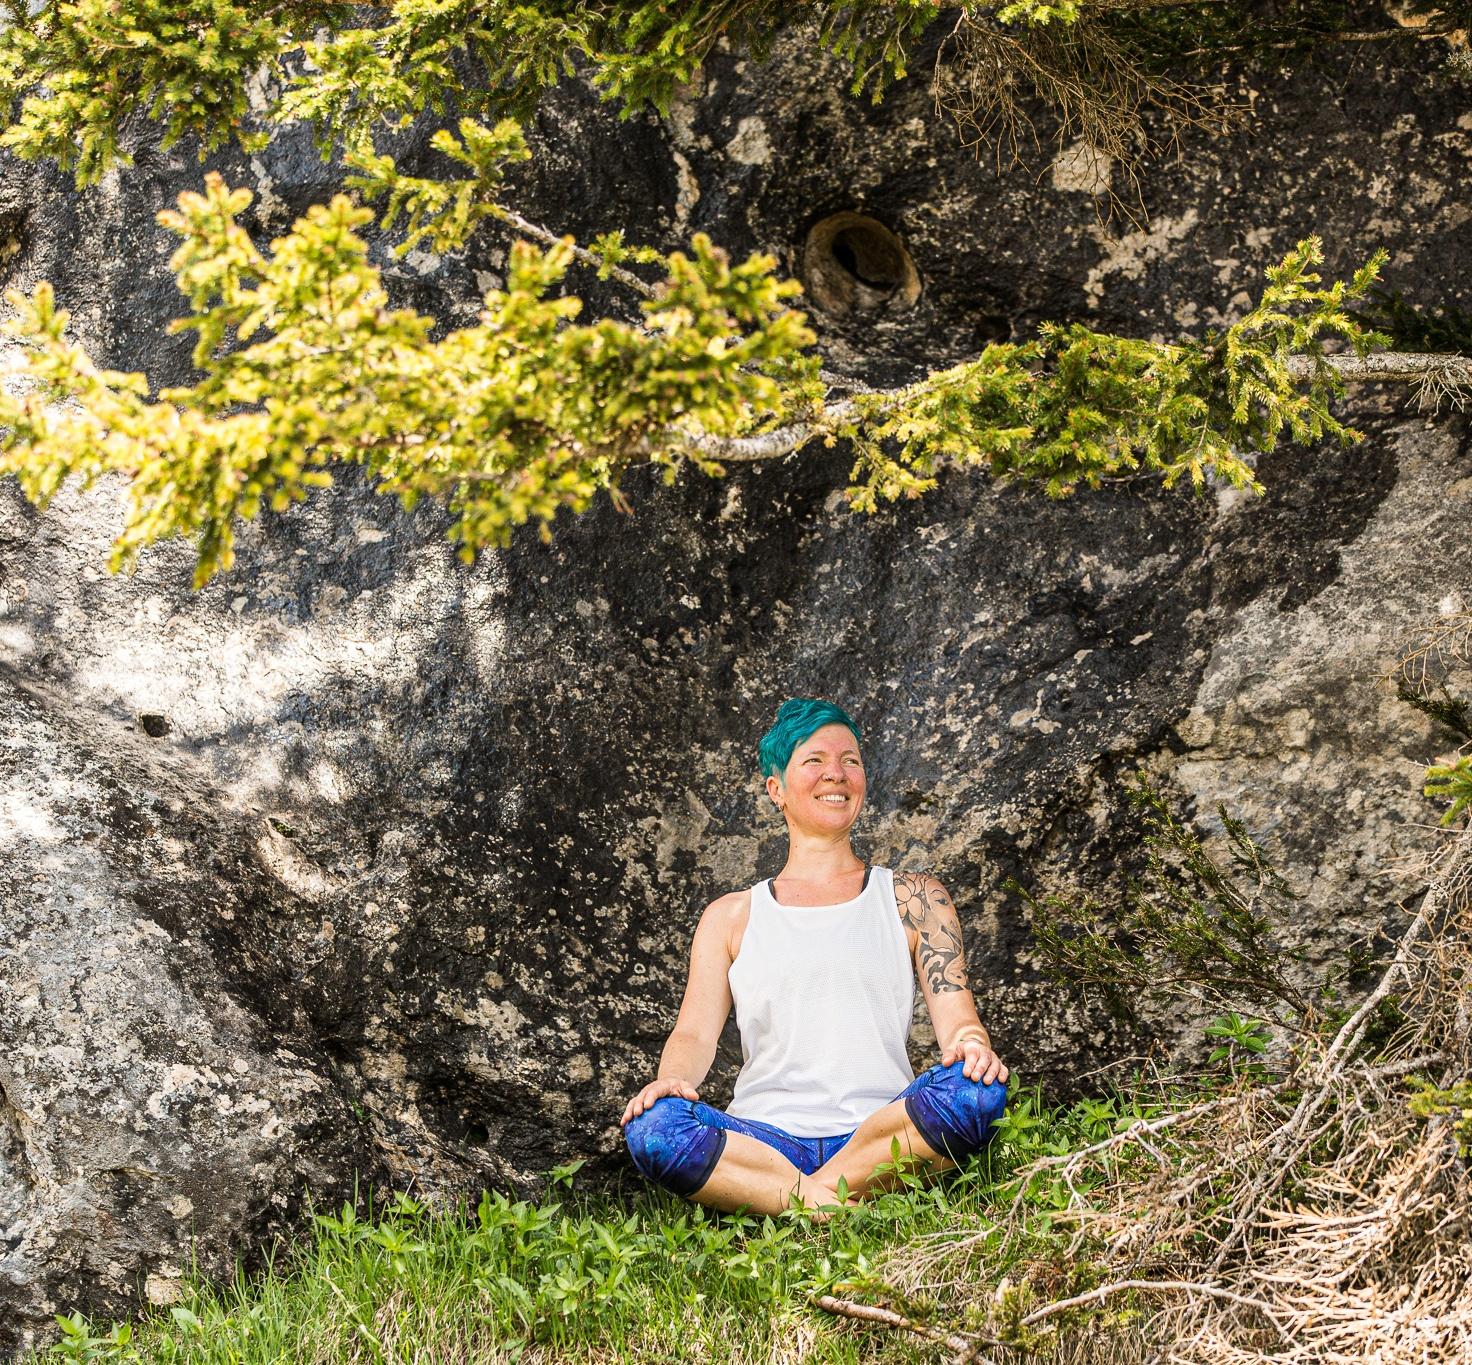 hatha-yoga-lotussitz-miri-zinck-unter-bäumen